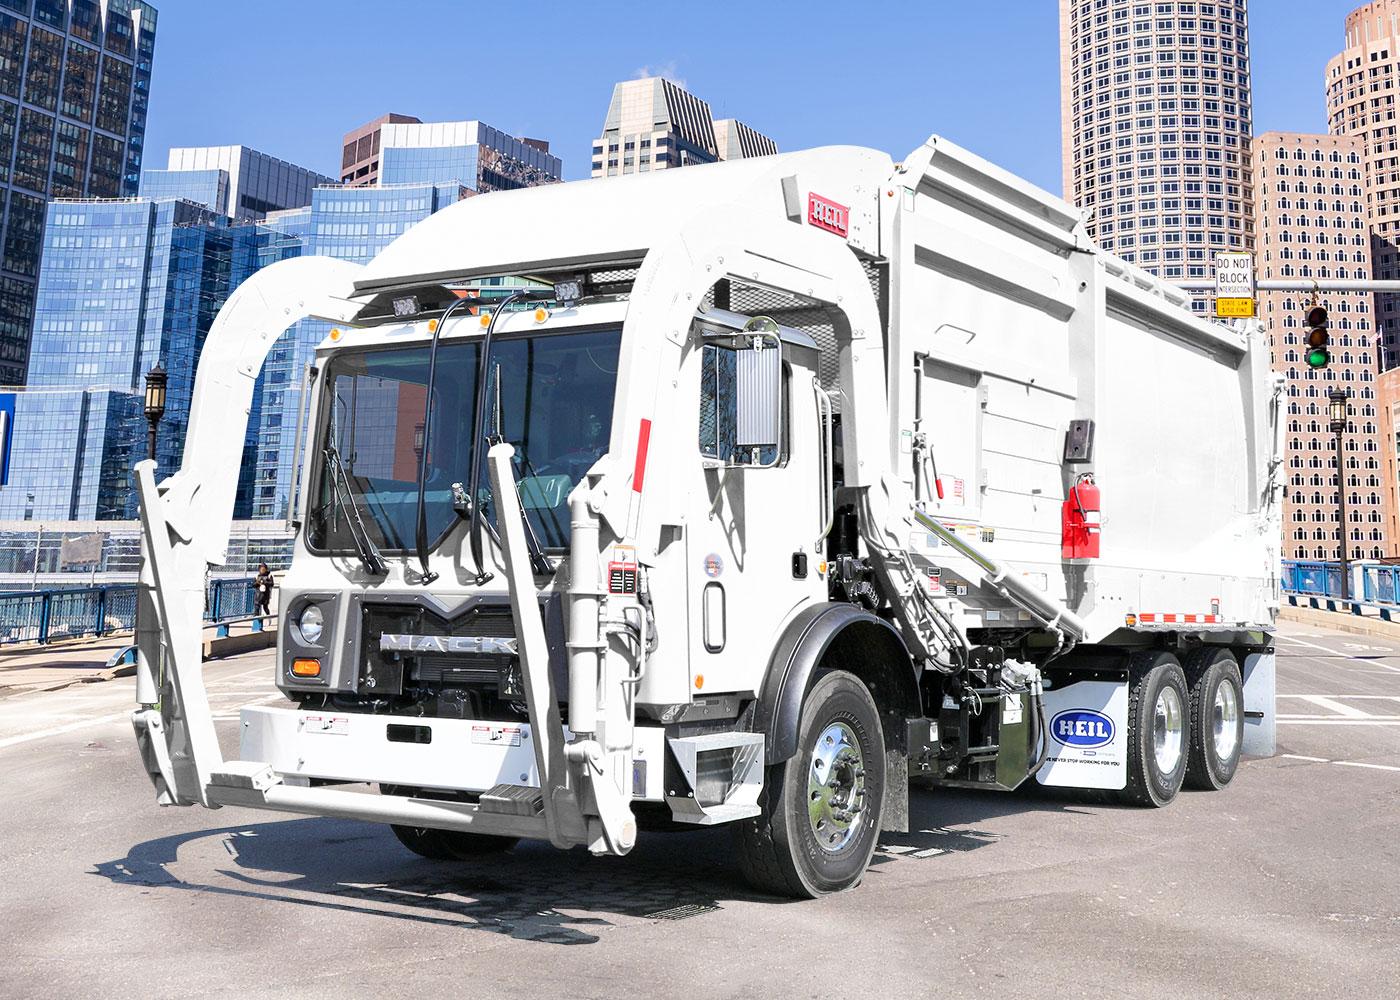 Halfpack Sierra Frontload Garbage Trucks